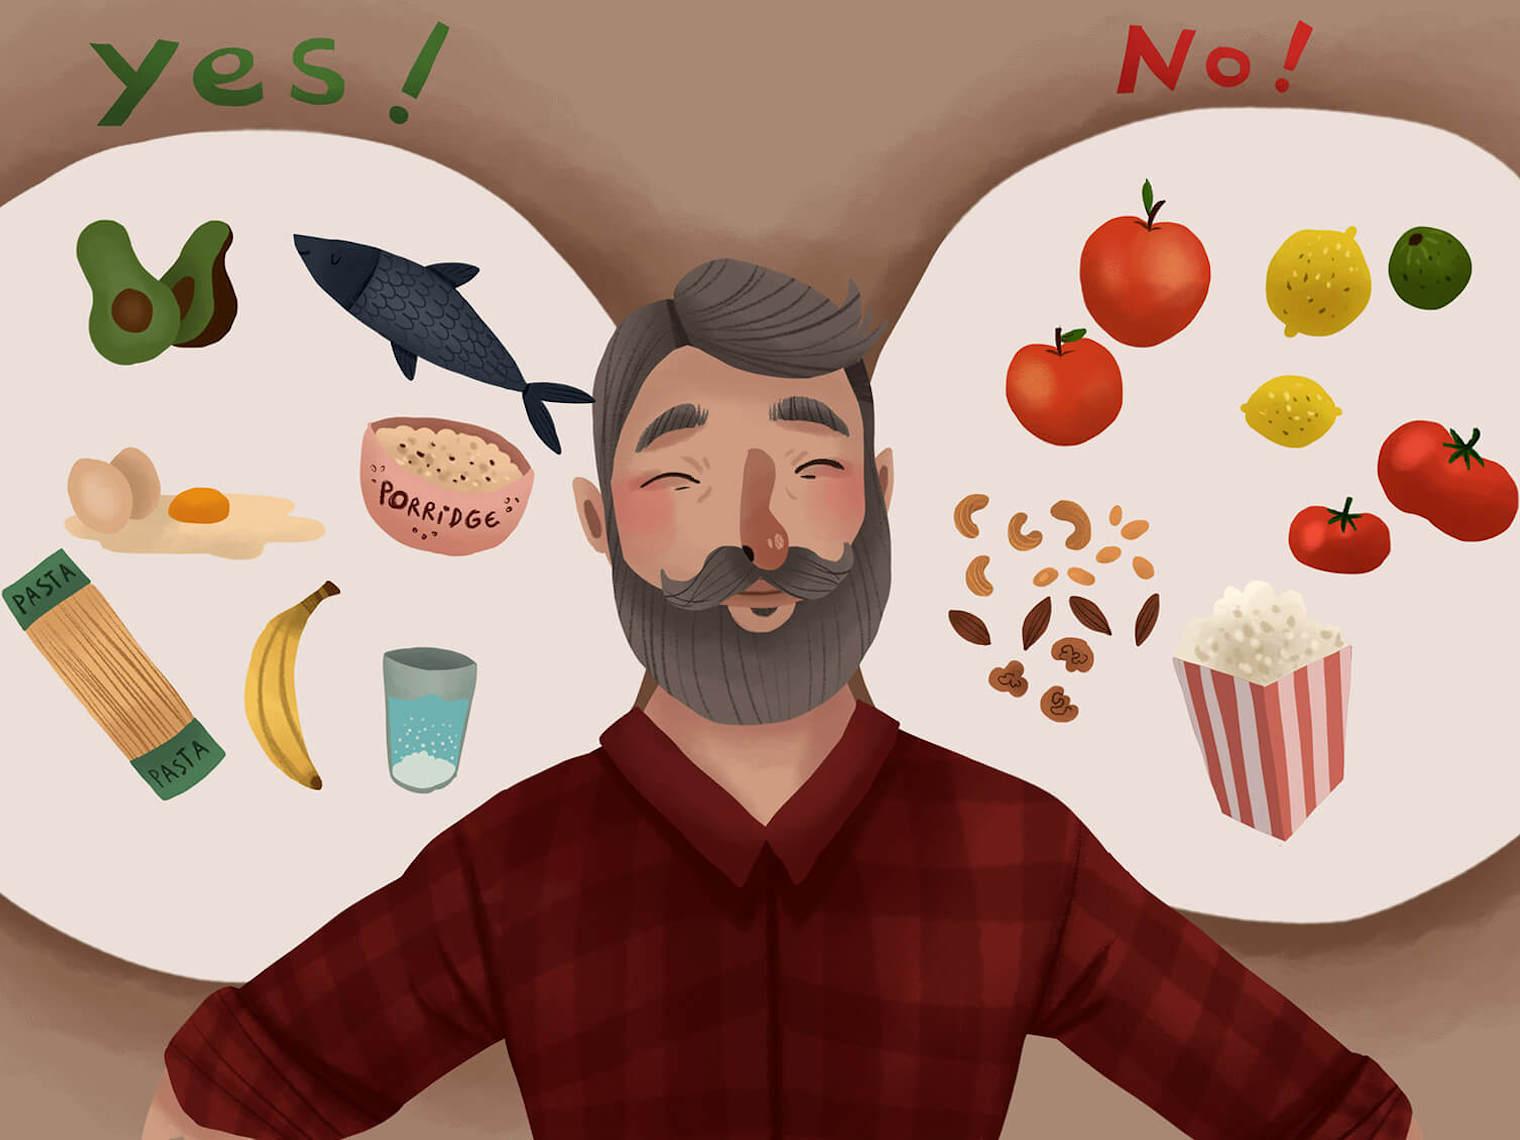 大家都知道,要降低蛀牙、保護牙齒的最基本工作是養成正確與勤勞的刷牙、潔牙方式。    不過你知道,其實也可以或多或少從「吃」來保護牙齒、減少蛀牙嗎?事實上,保護牙齒的食物並不是什麼珍禽異獸或天山雪蓮,而往往都是平常看到最普通不過的食材。